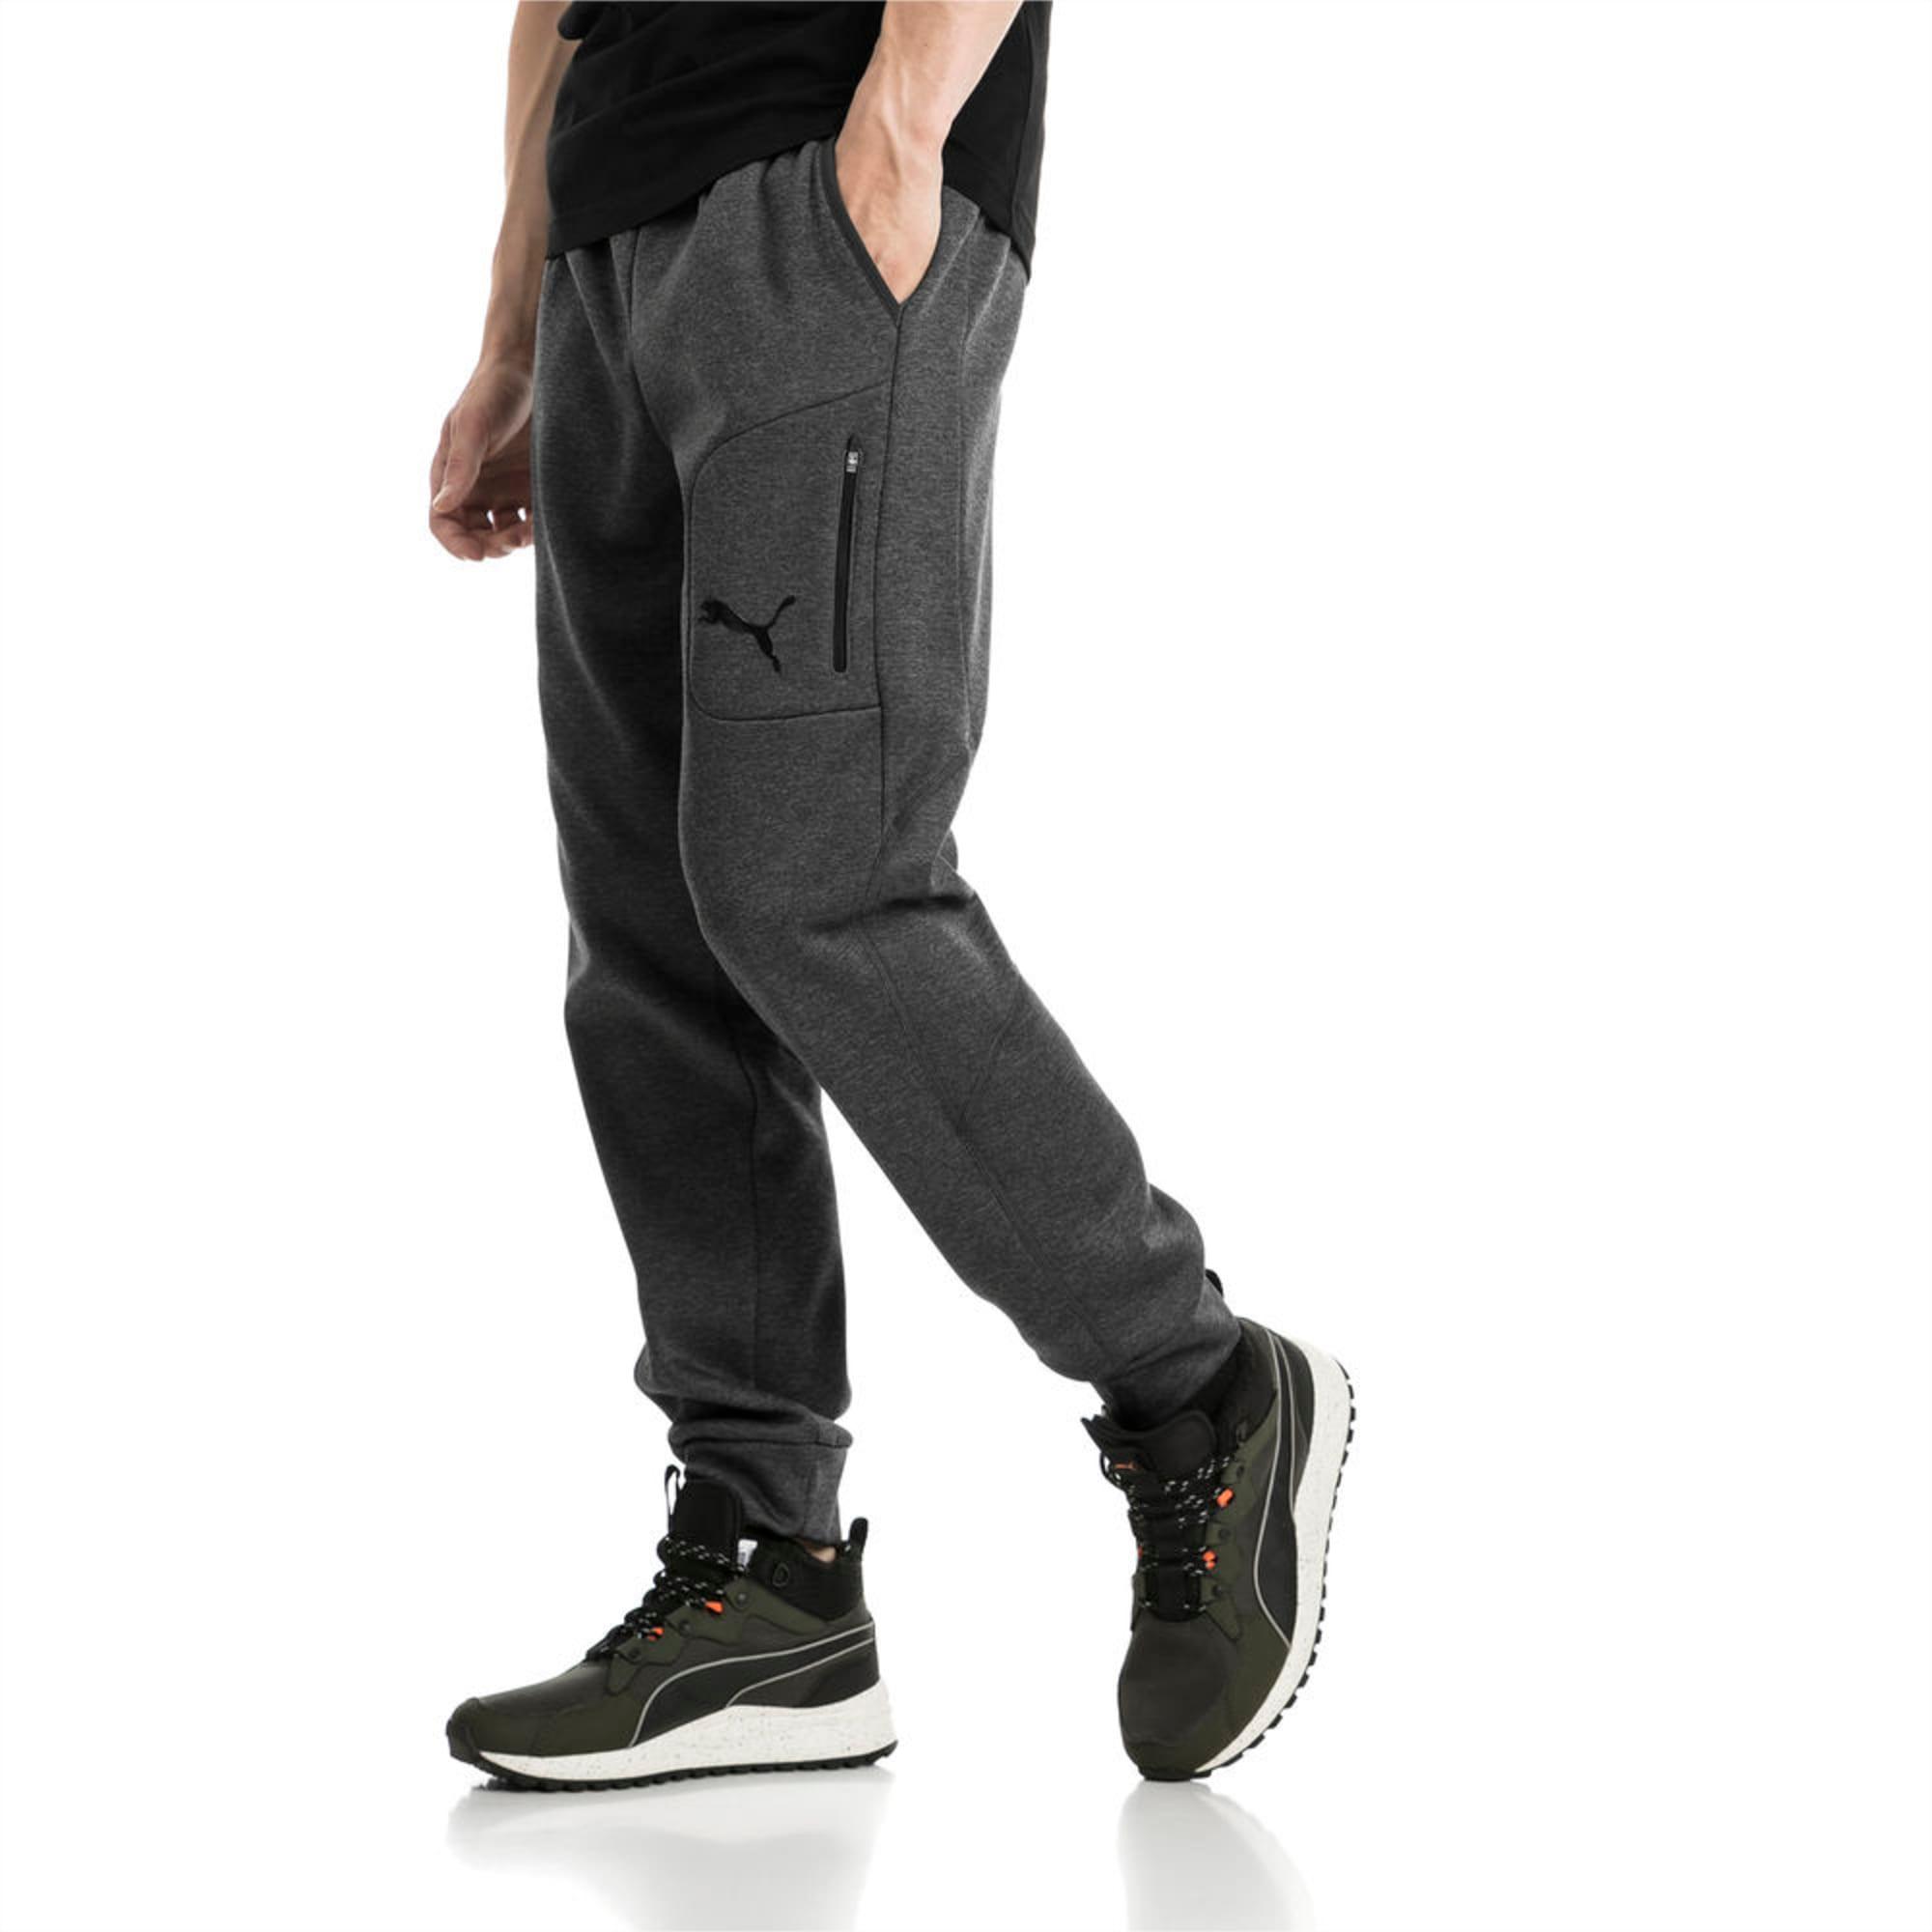 851739-07 Mens Puma Evostripe Warm Pants